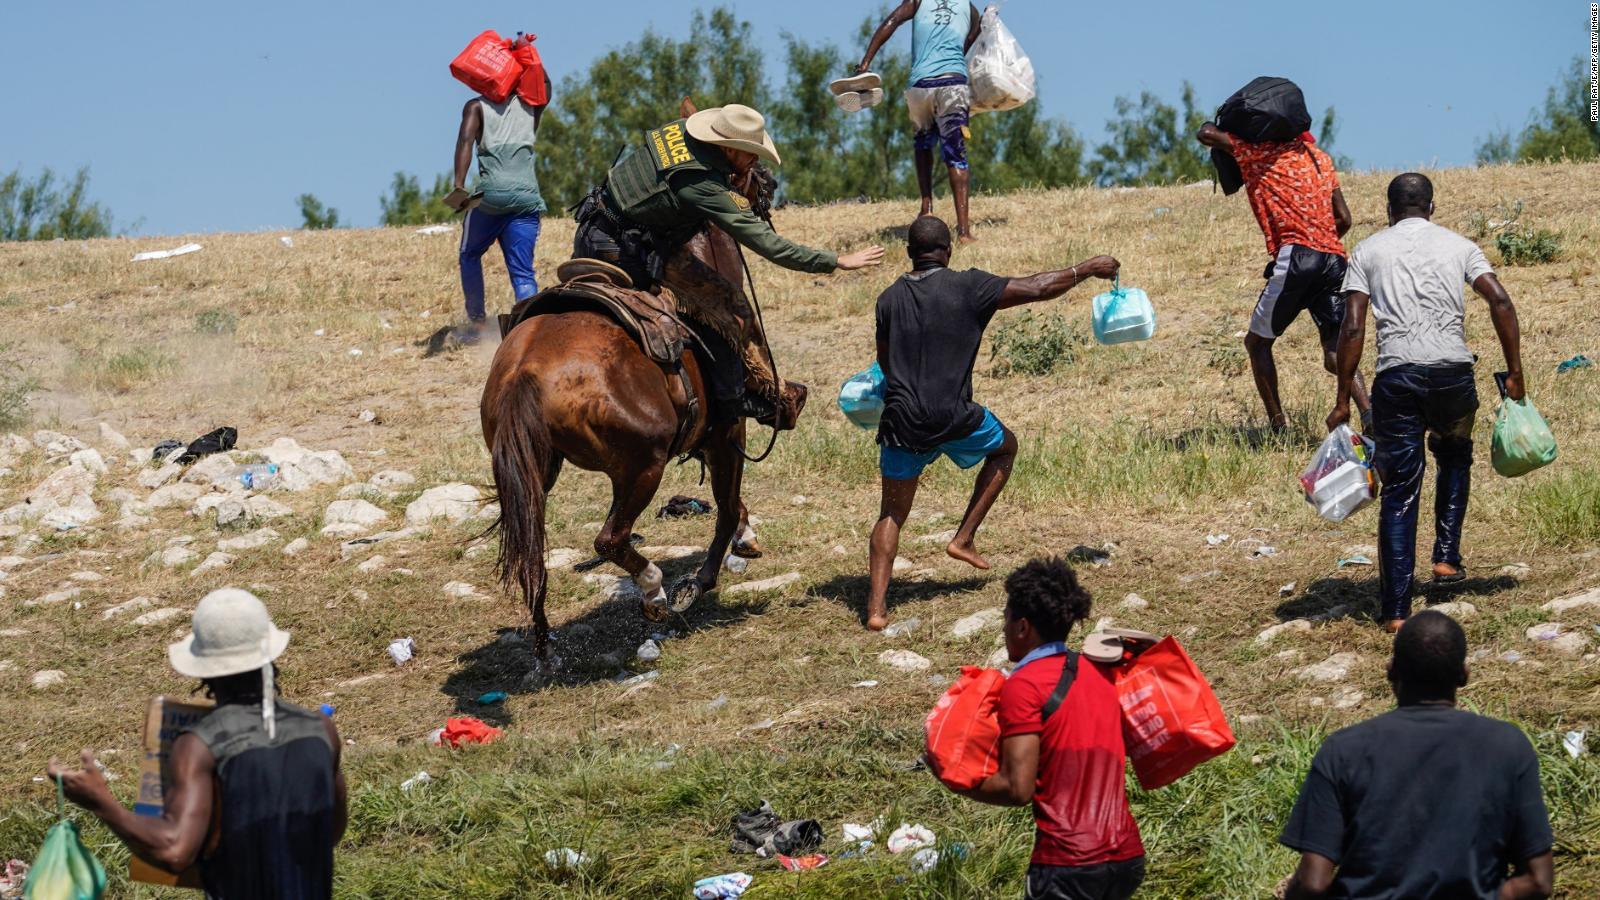 Activista denuncia abusos cotidianos a migrantes